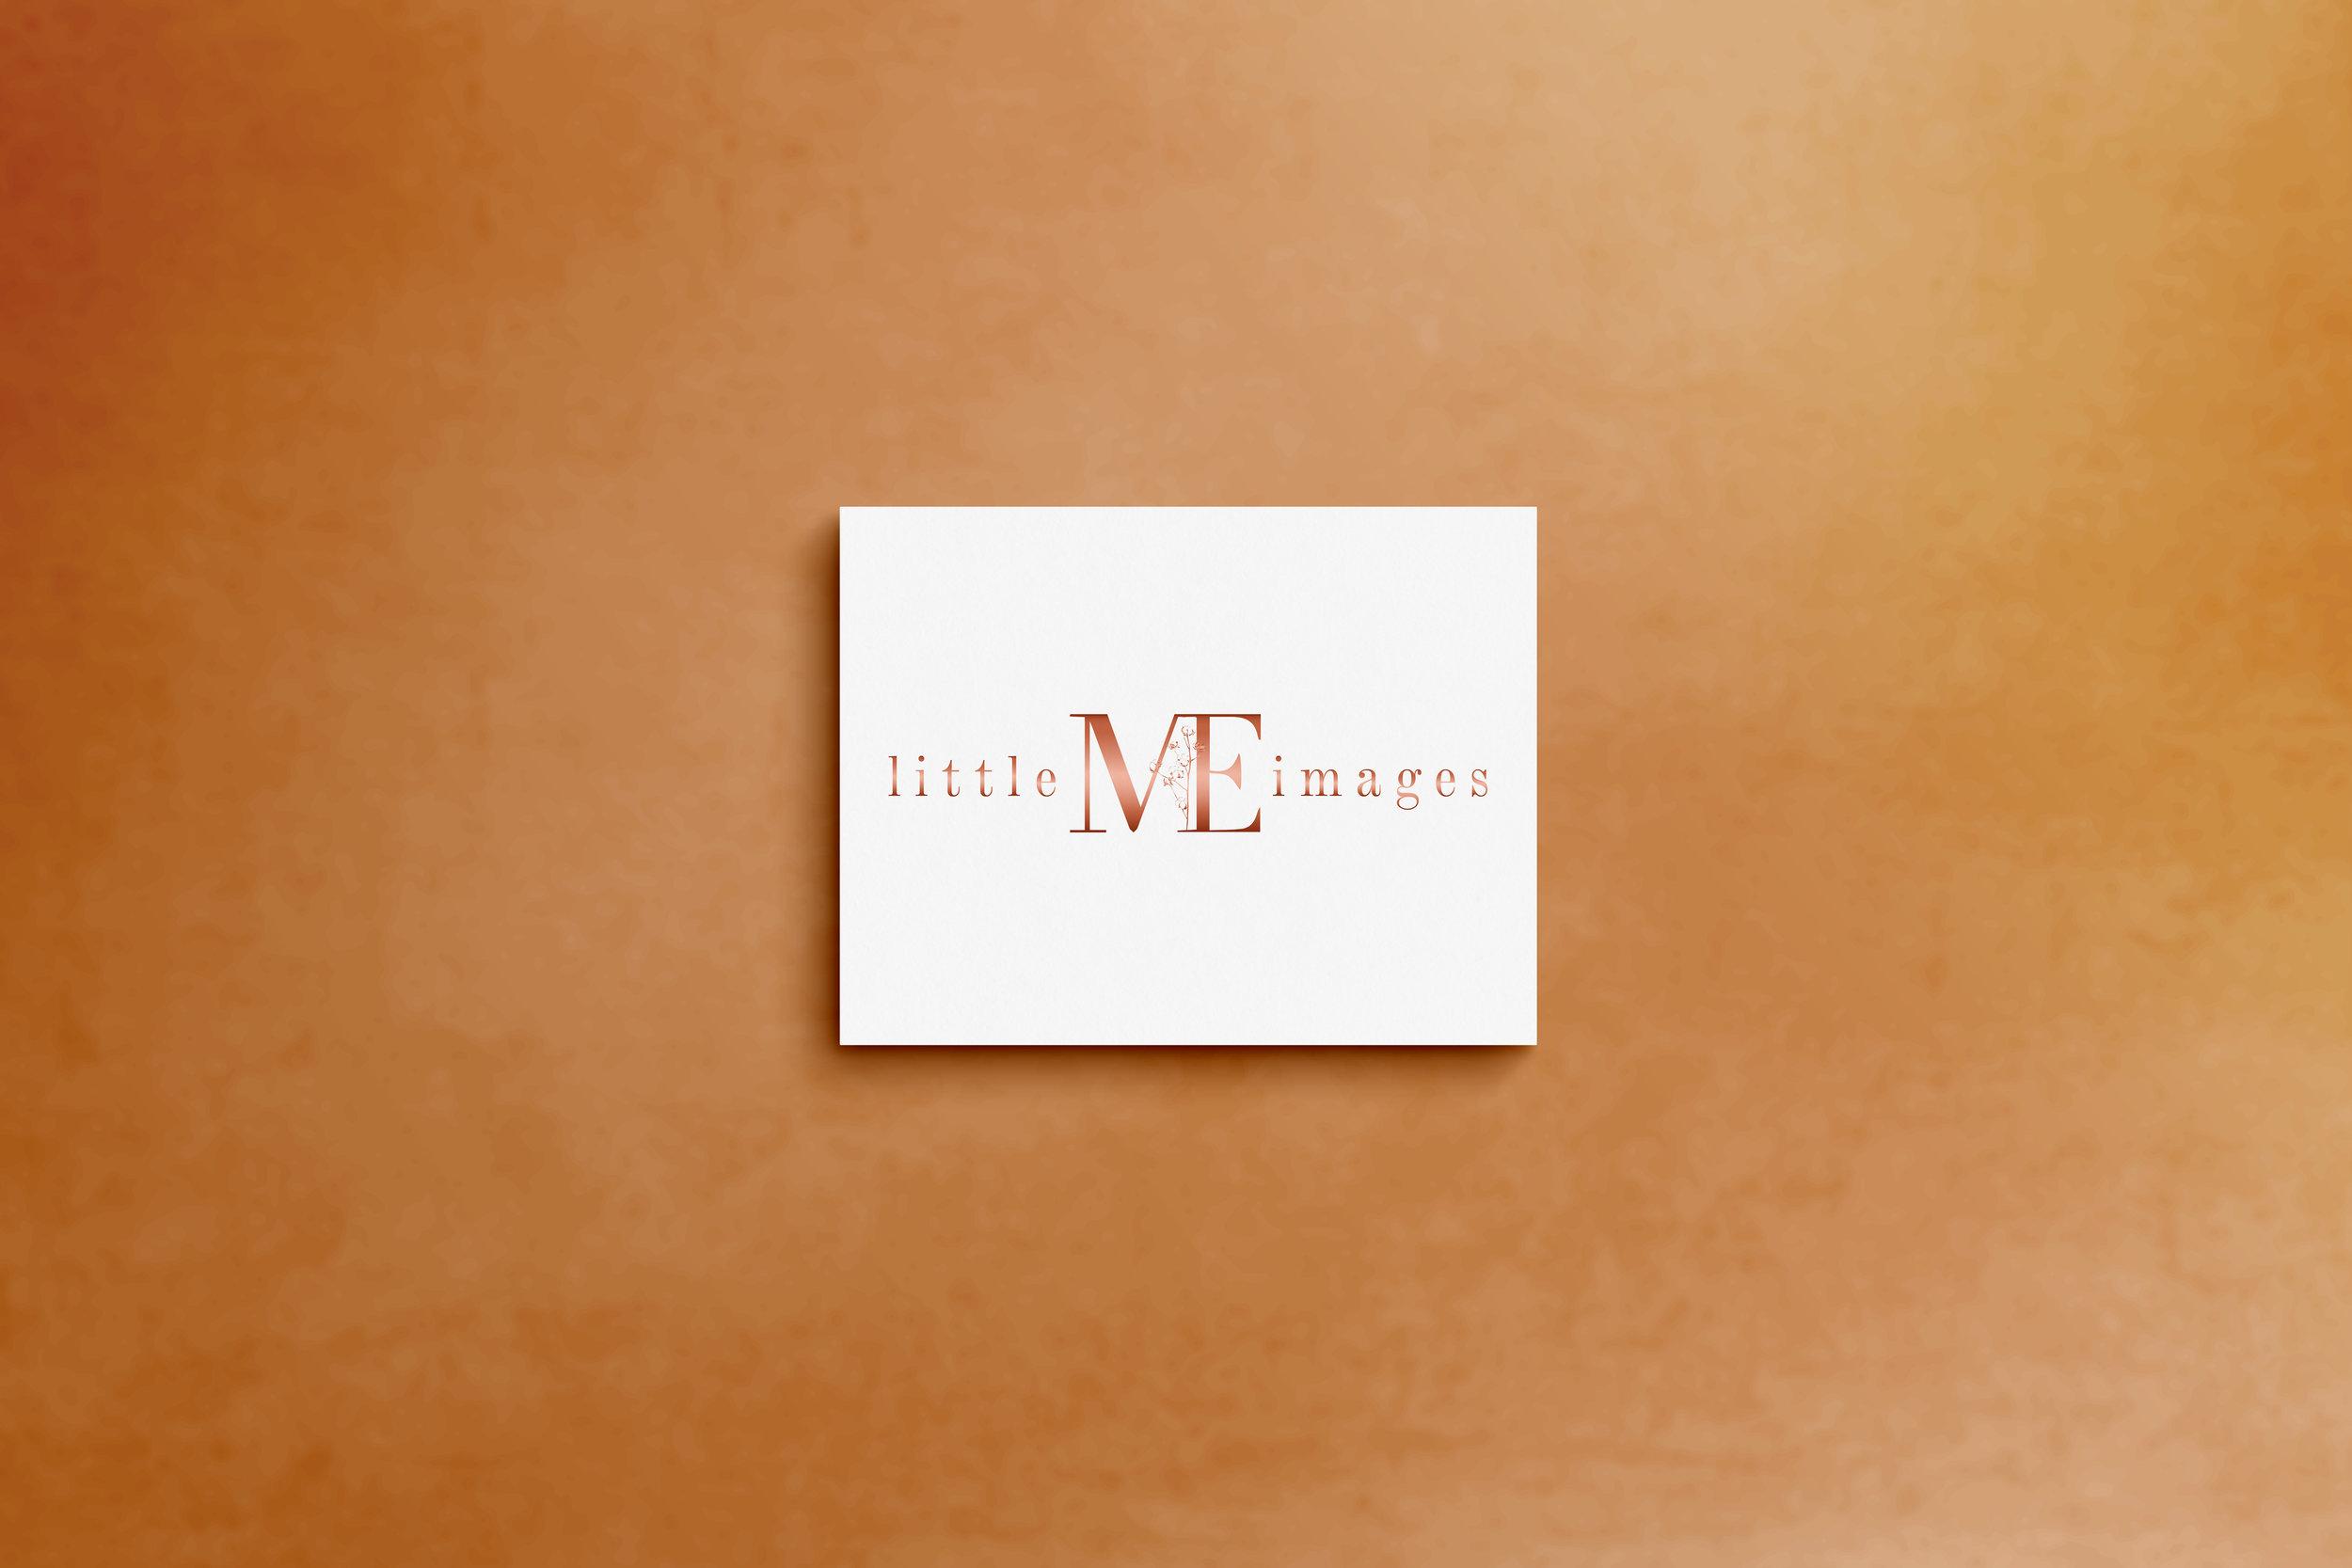 LOGO_LittleMEimages.jpg